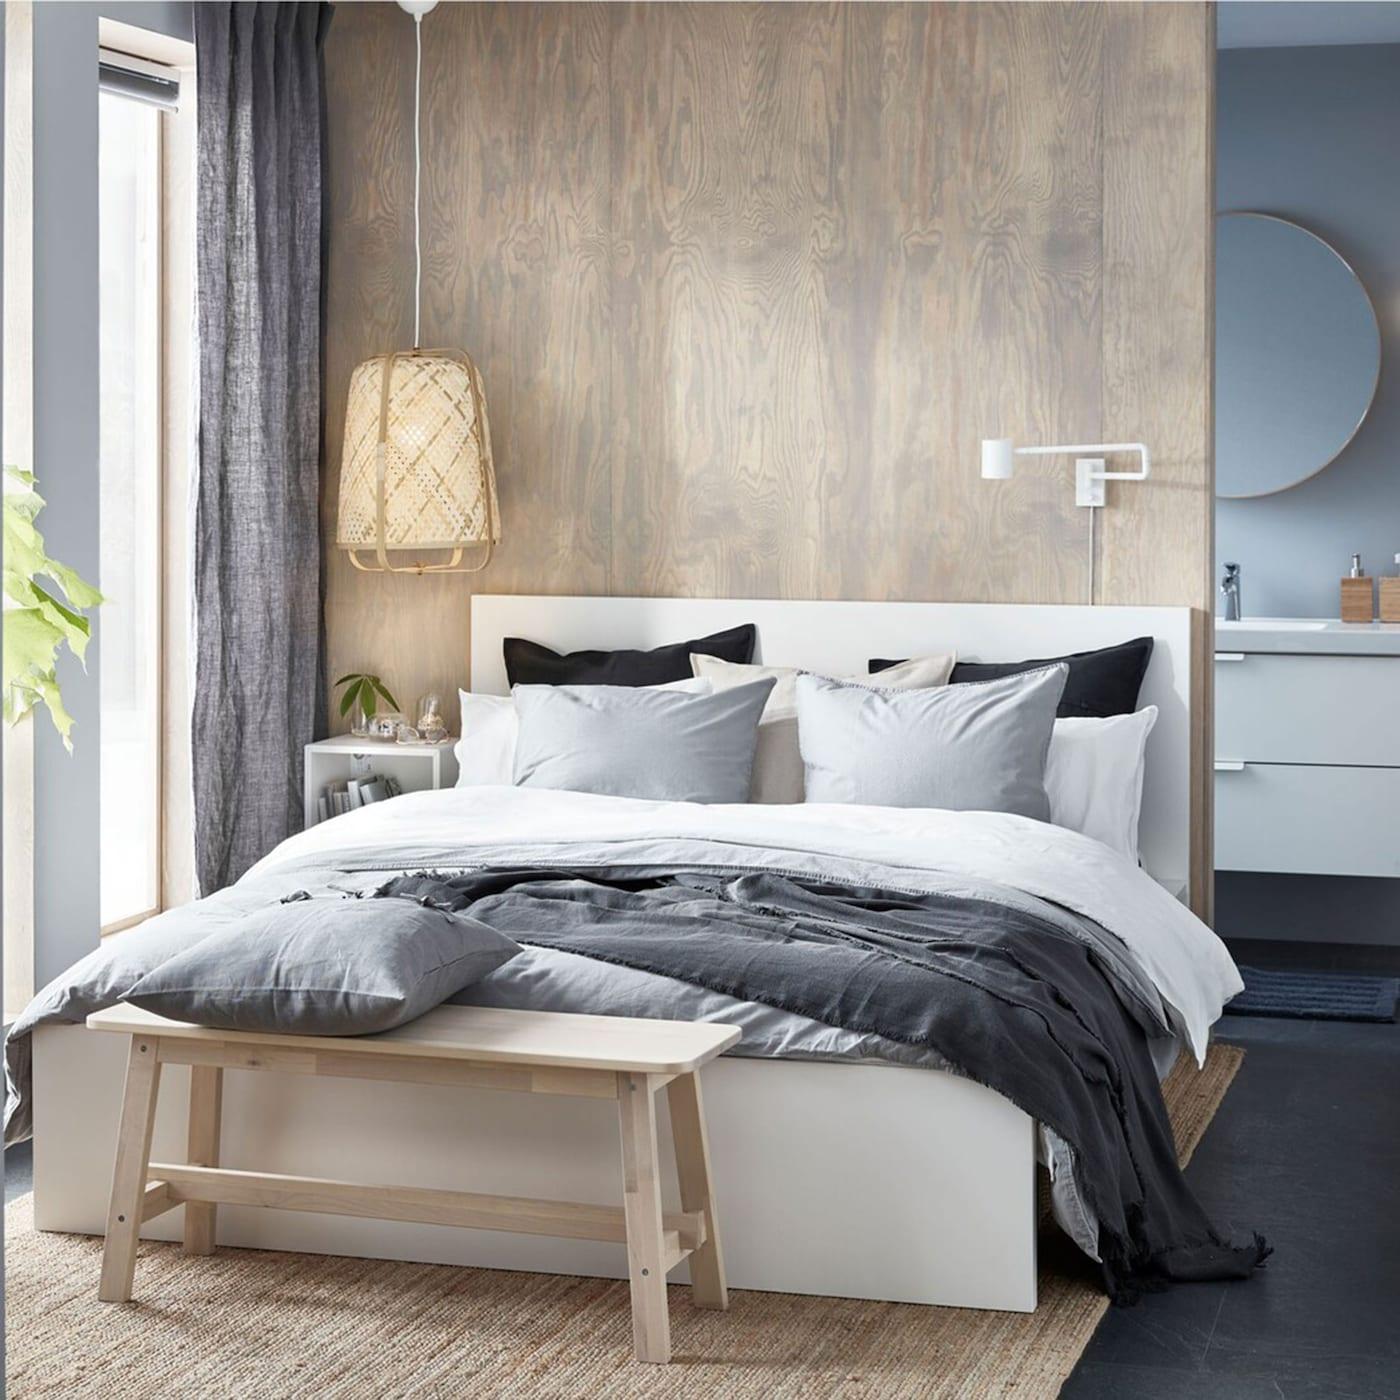 Design Piccola Camera Da Letto Moderna.Idee Per L Arredamento Per La Camera Da Letto Ikea Ikea Svizzera